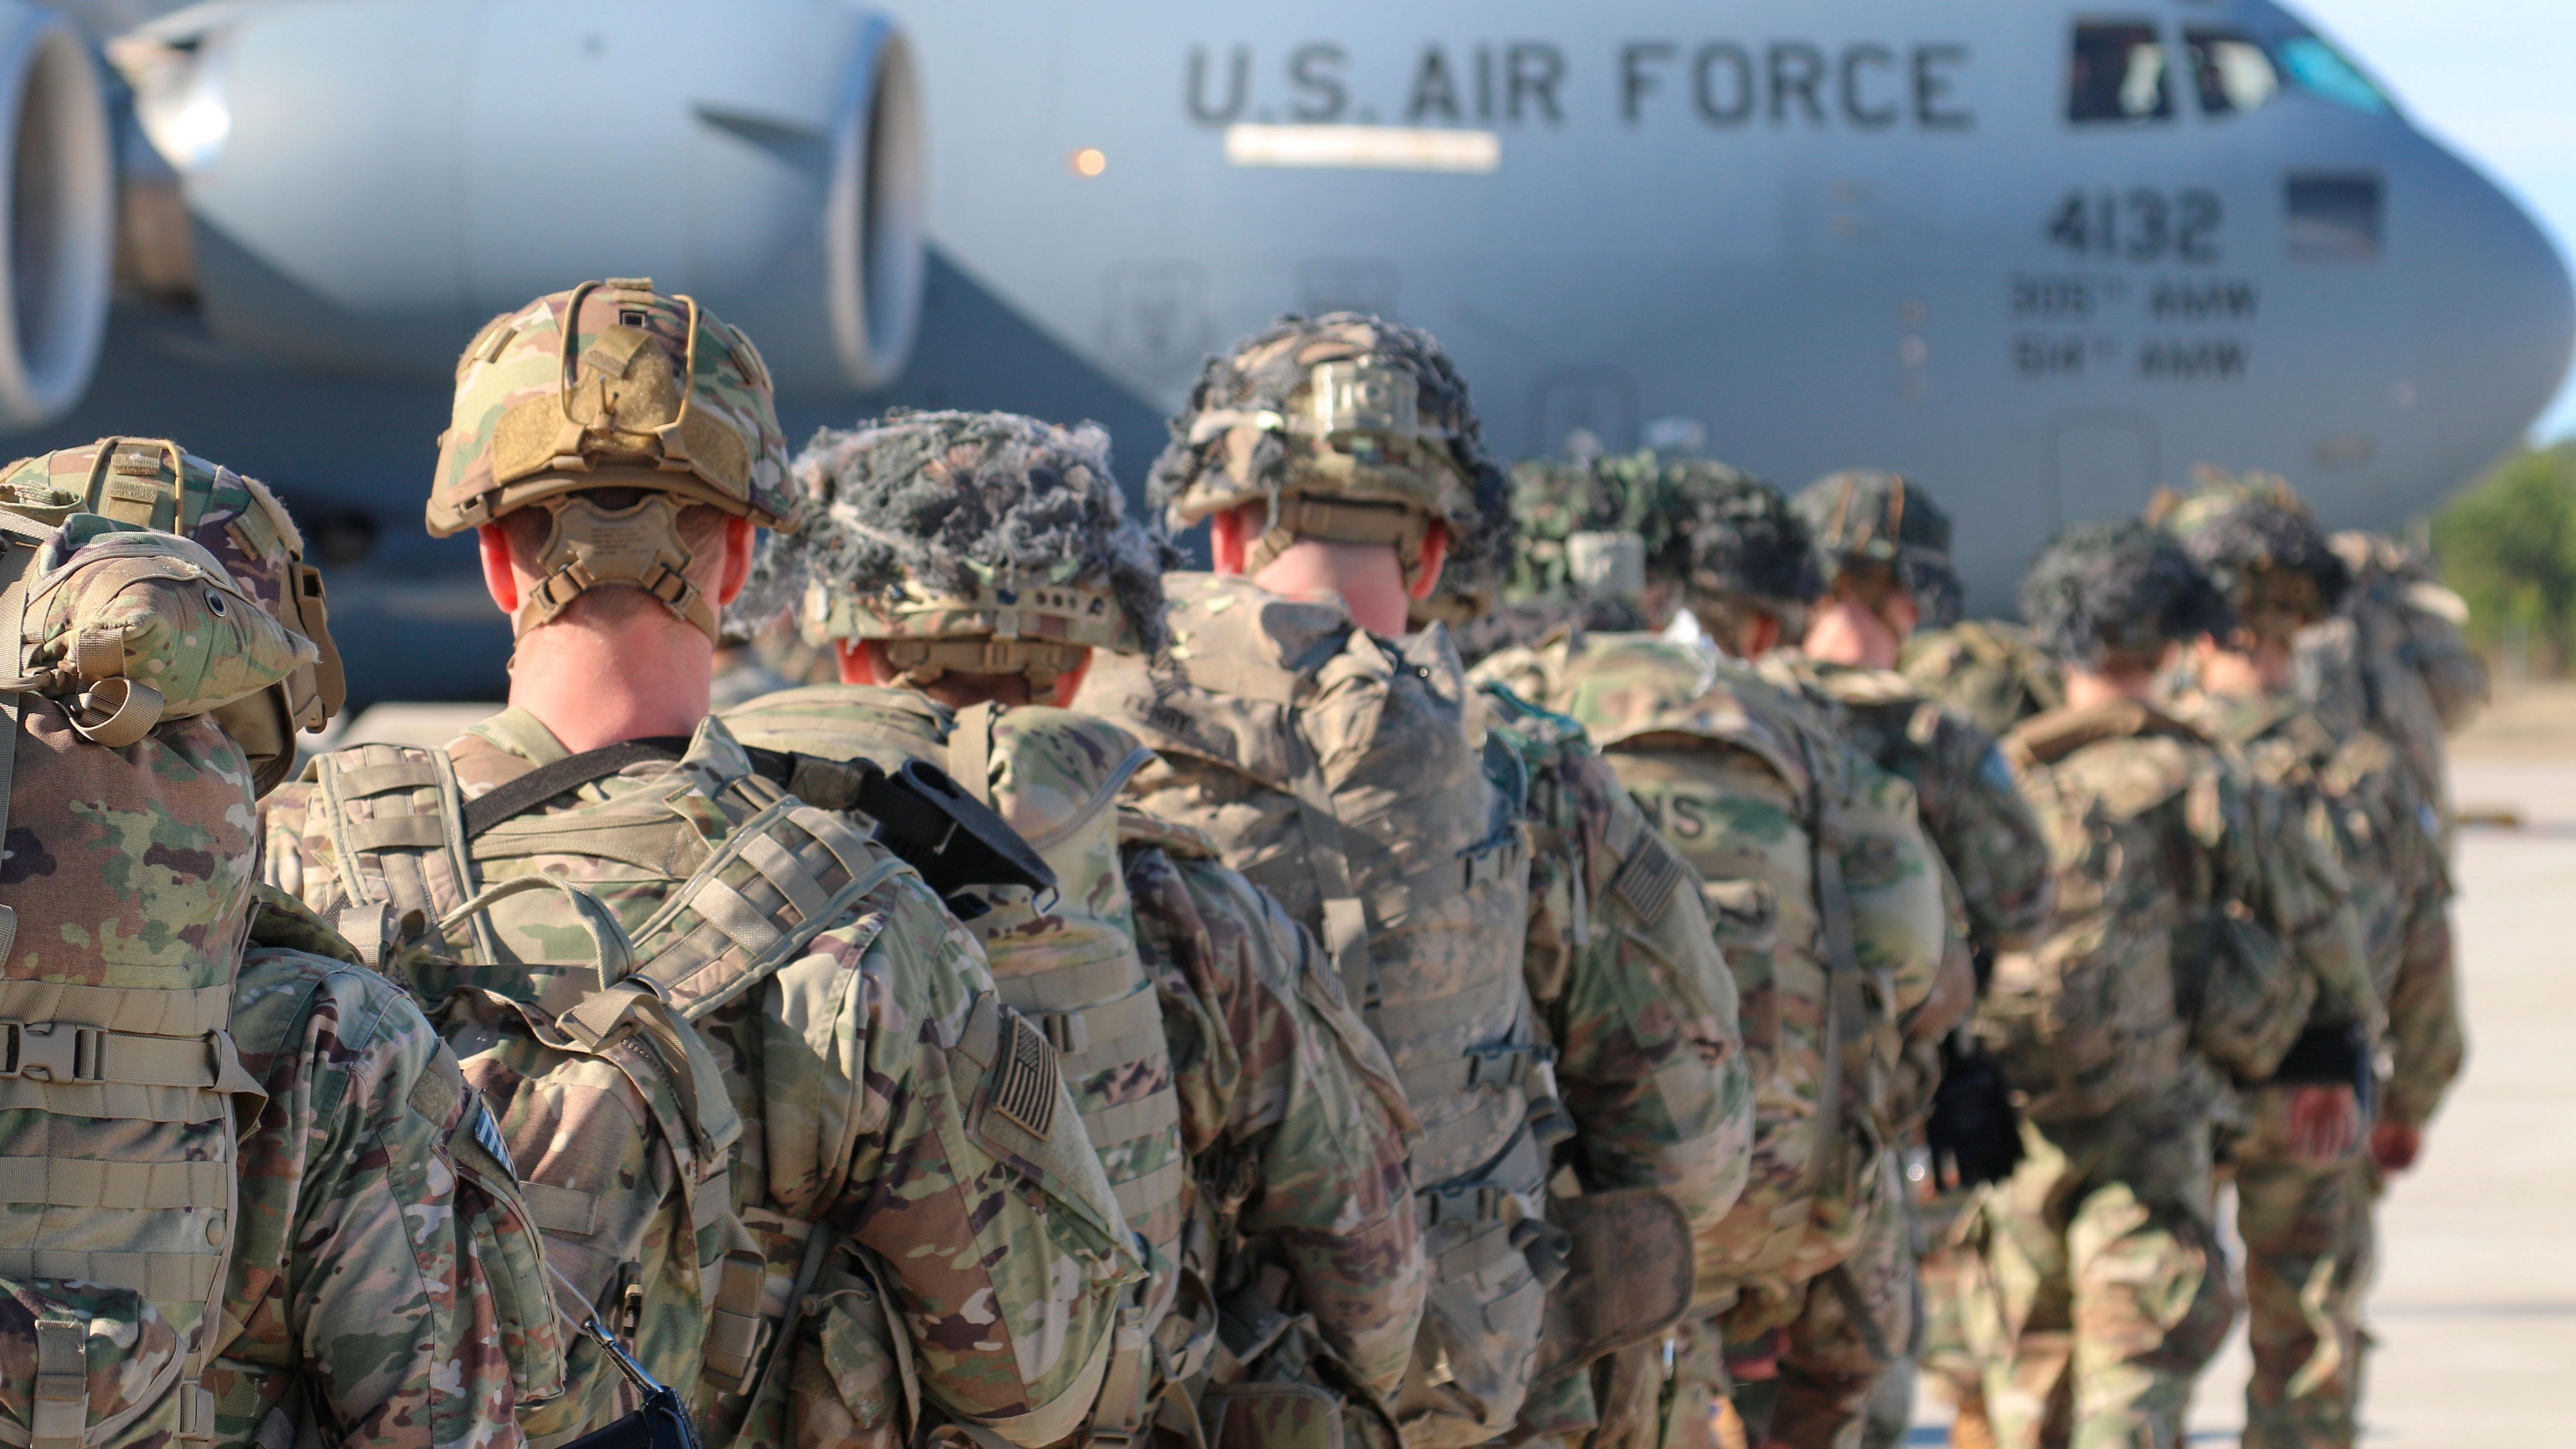 В Польше стартовали учения по переброске американских войск в Европу